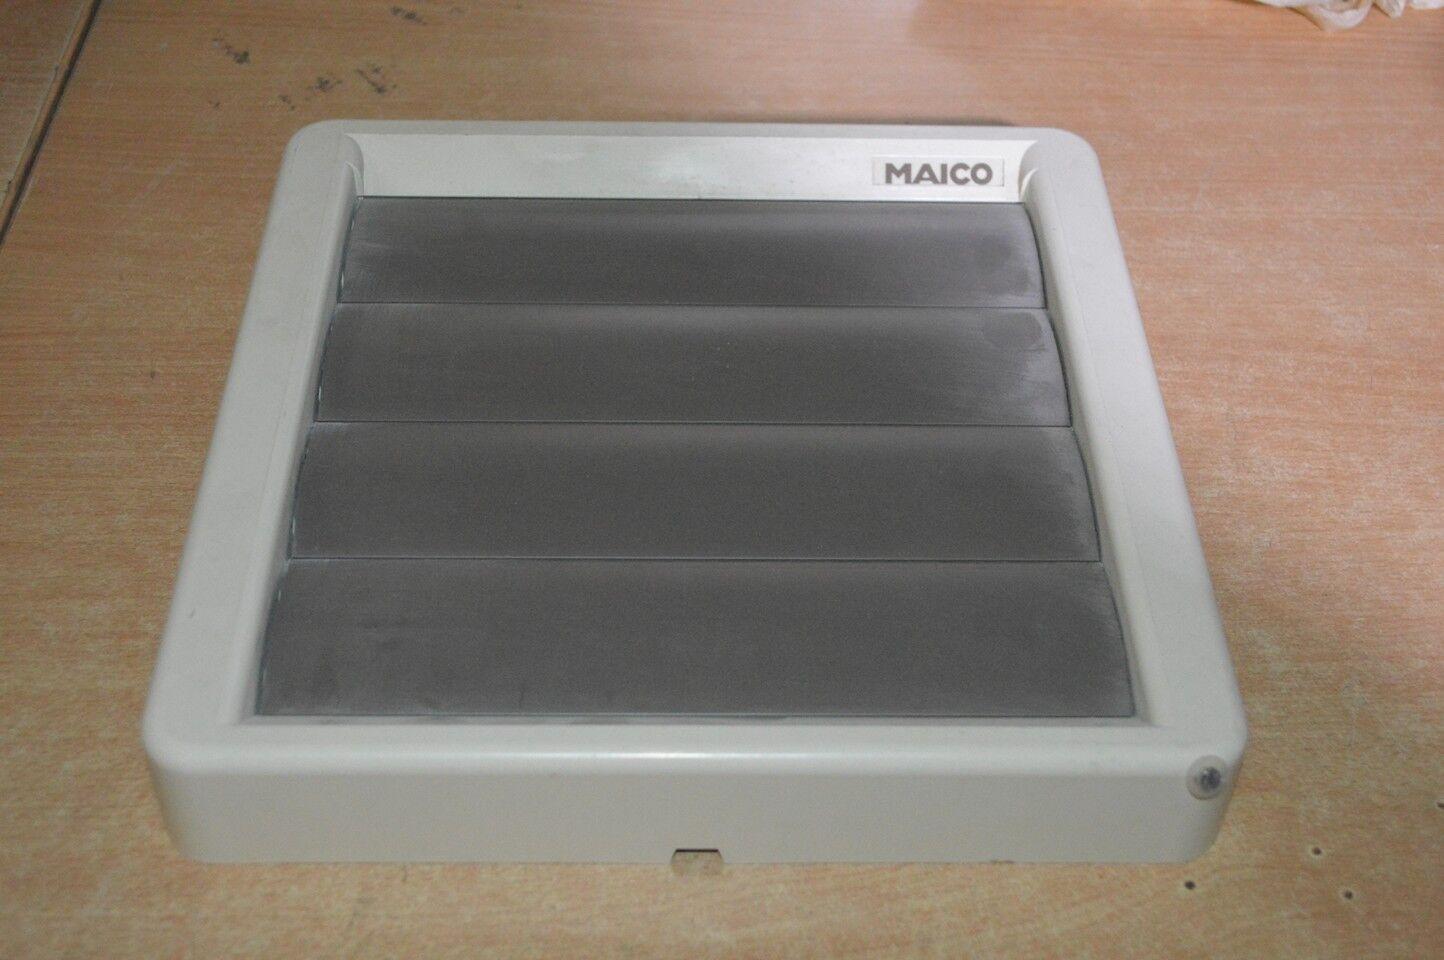 Lüftungsgitter, DN150mm 198x198mm, MAICO AS20, Servo Verschlussklappe     | Qualität  | Lebhaft  |